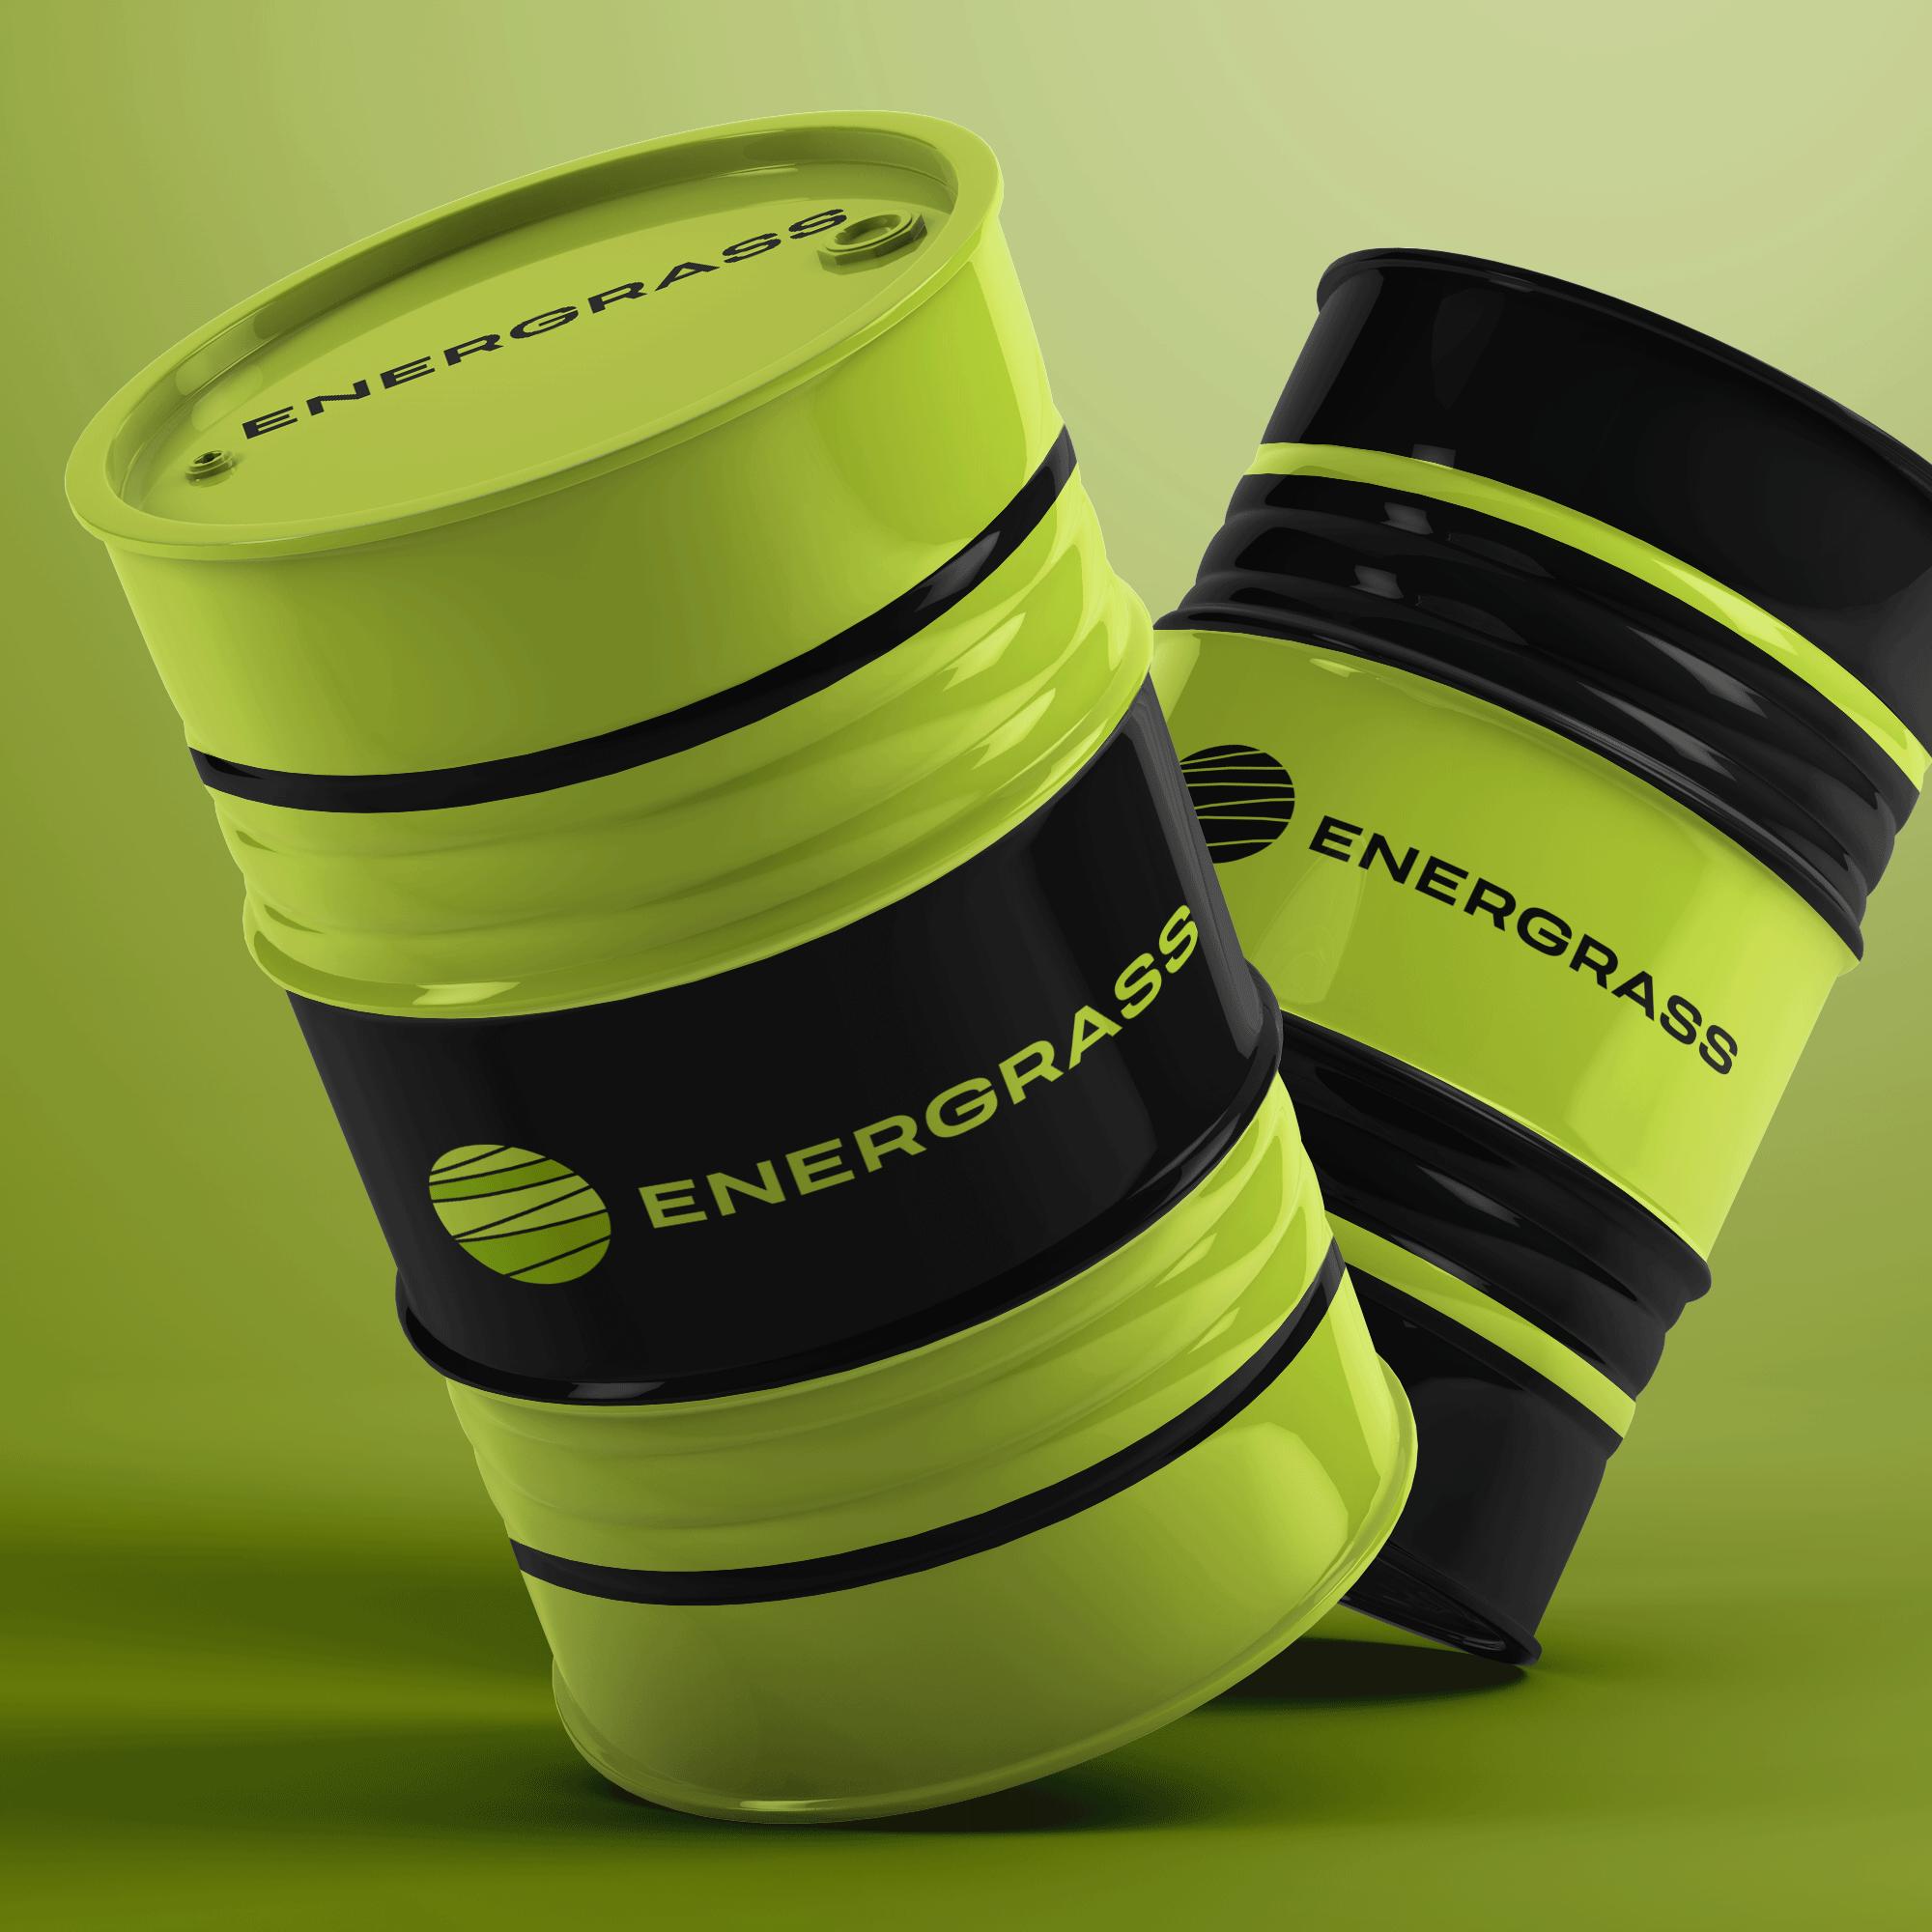 Графический дизайнер для создания логотипа Energrass. фото f_6625f858c48d661f.png